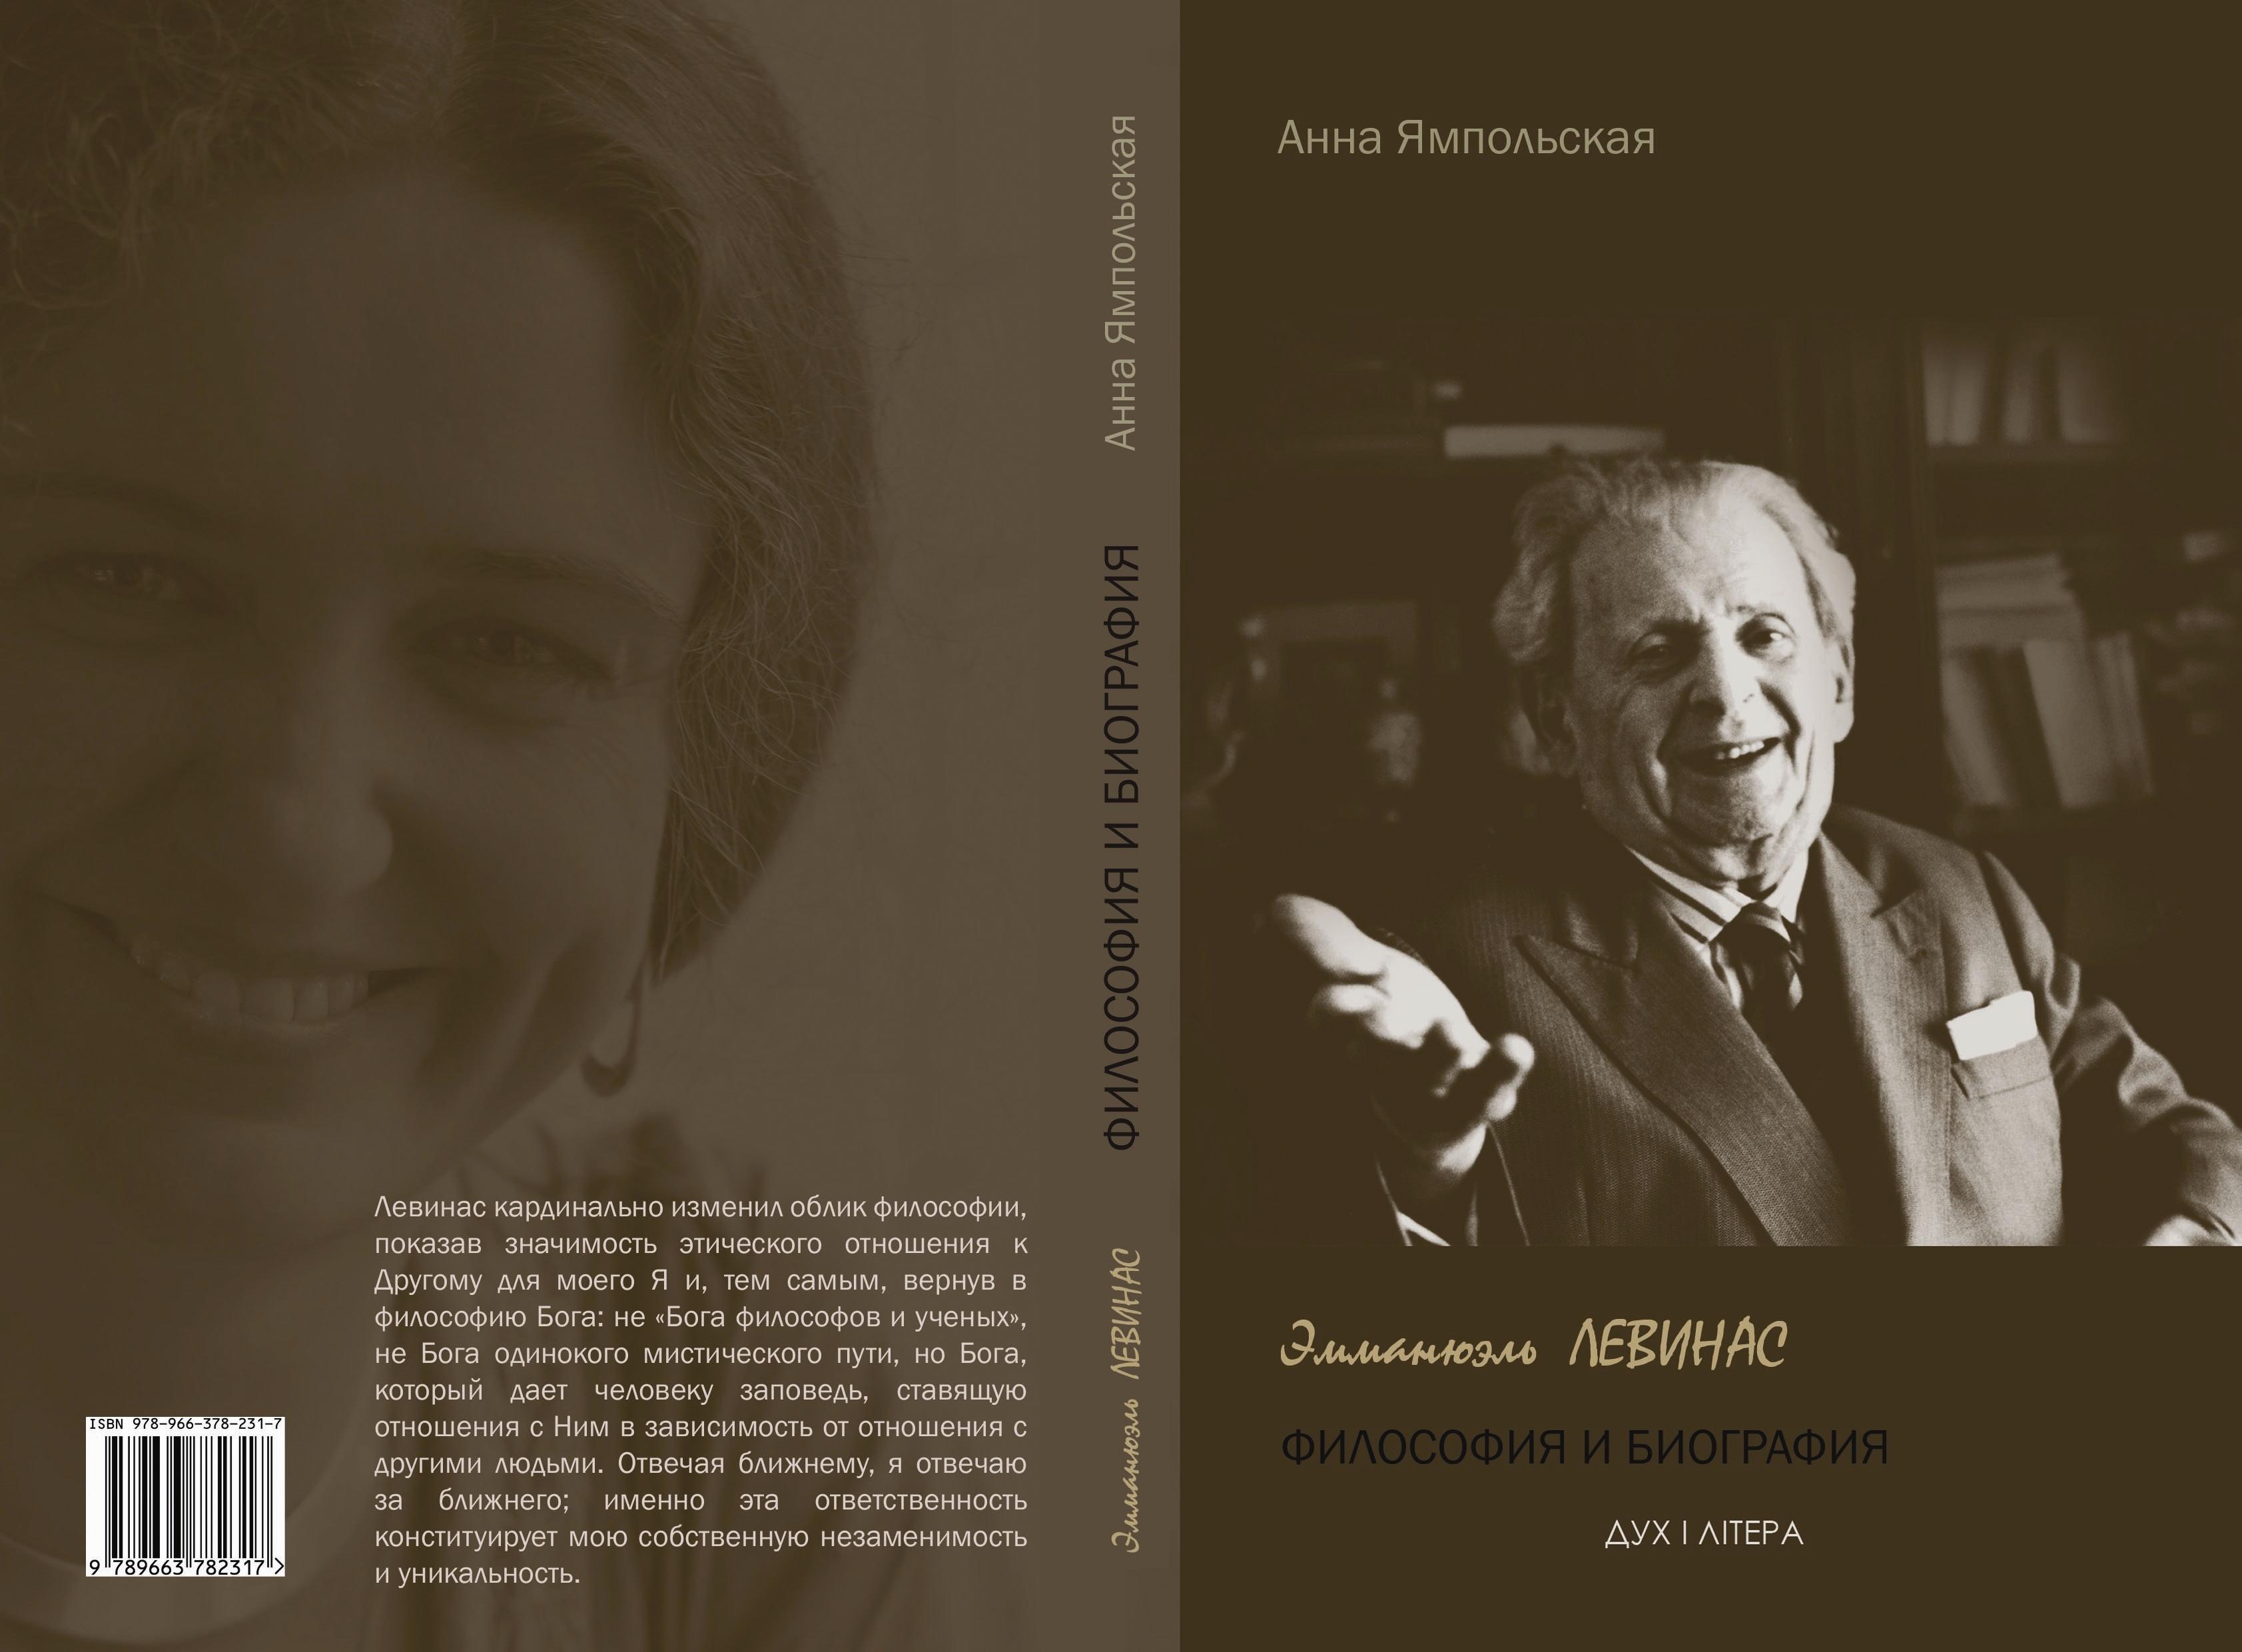 Эмманюэль Левинас: философия и биография